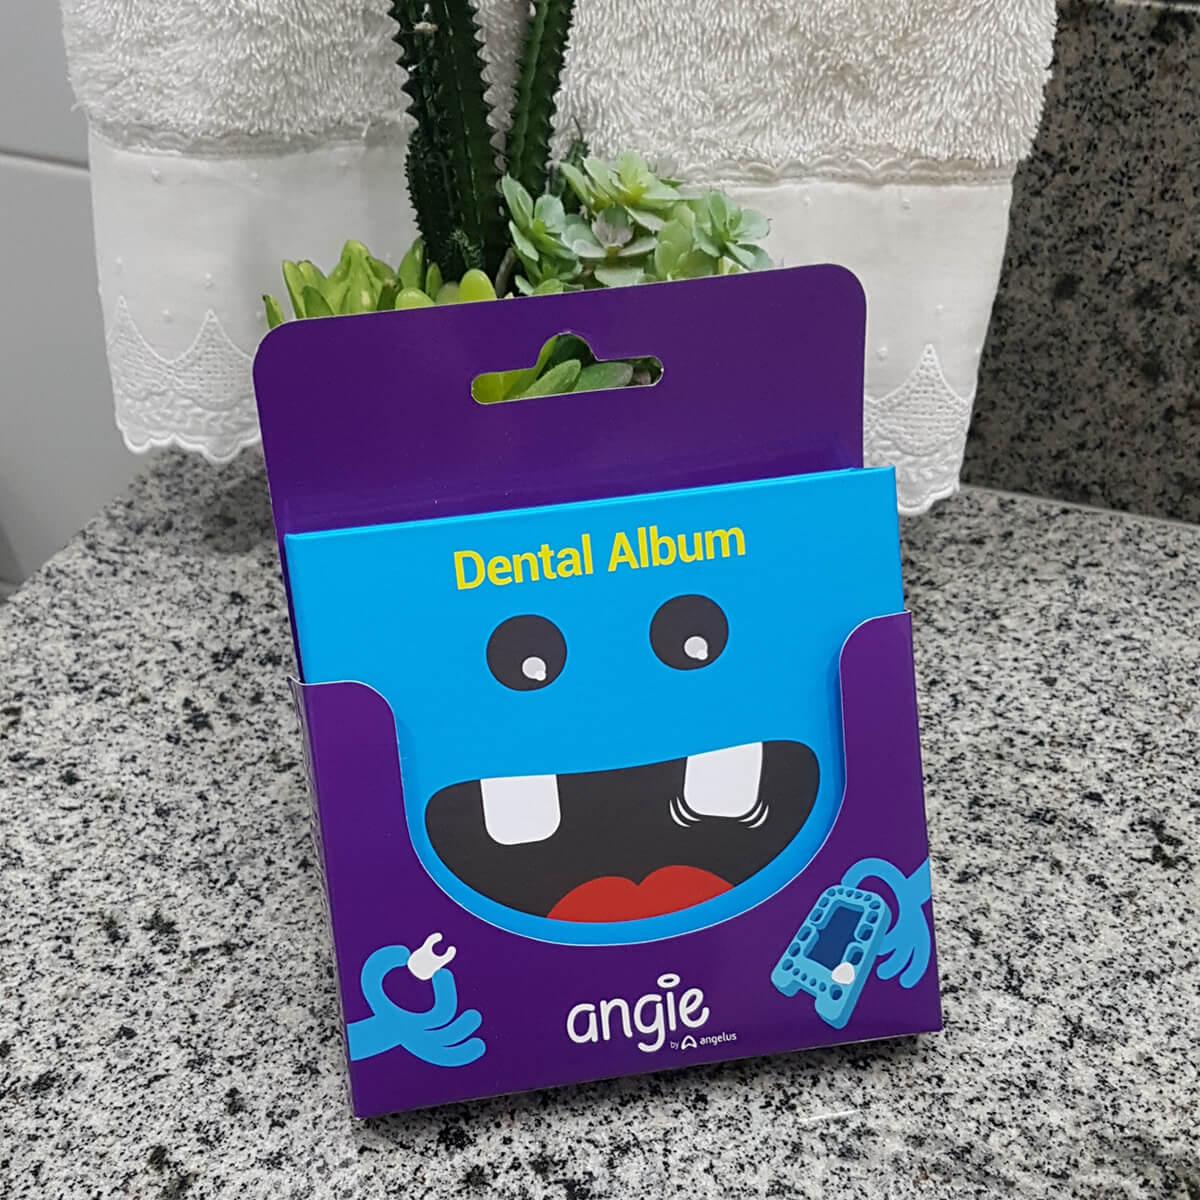 Kit Fada do Dente Álbum Porta Dente De Leite Dentinhos Azul Angie by Angelus